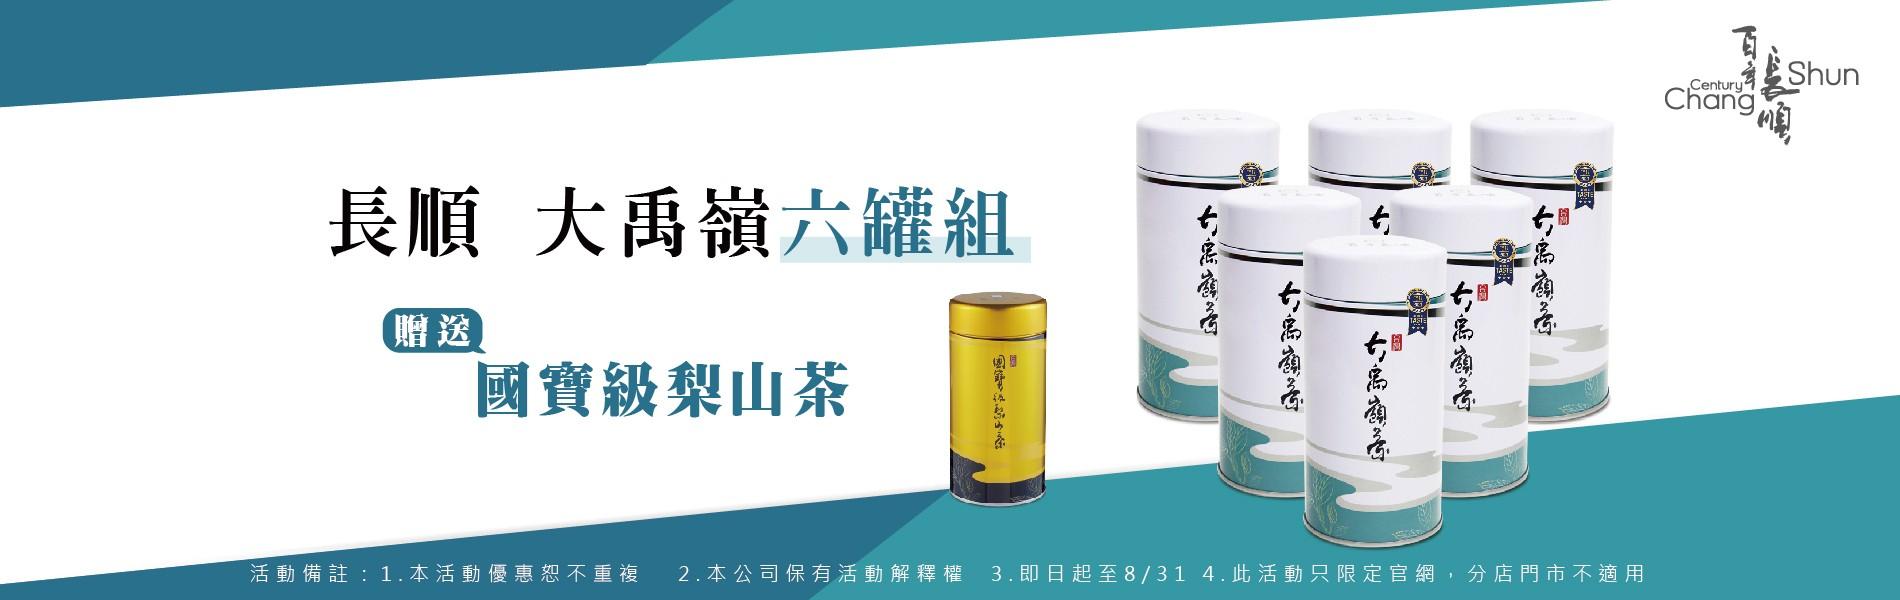 大禹嶺活動專區 送國寶梨山茶